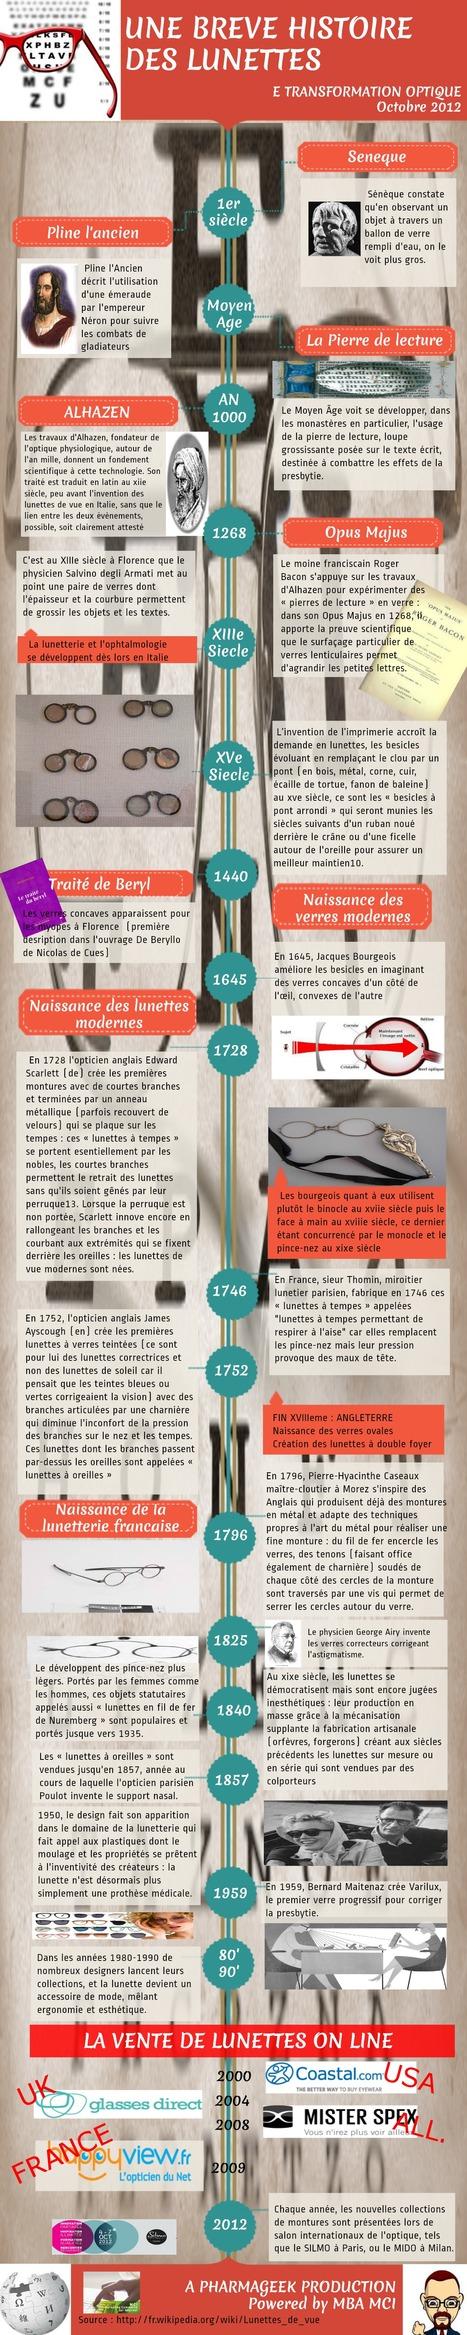 Une infographie sur l'histoire des lunettes #etransfoptique #mbamci   Optique   Scoop.it